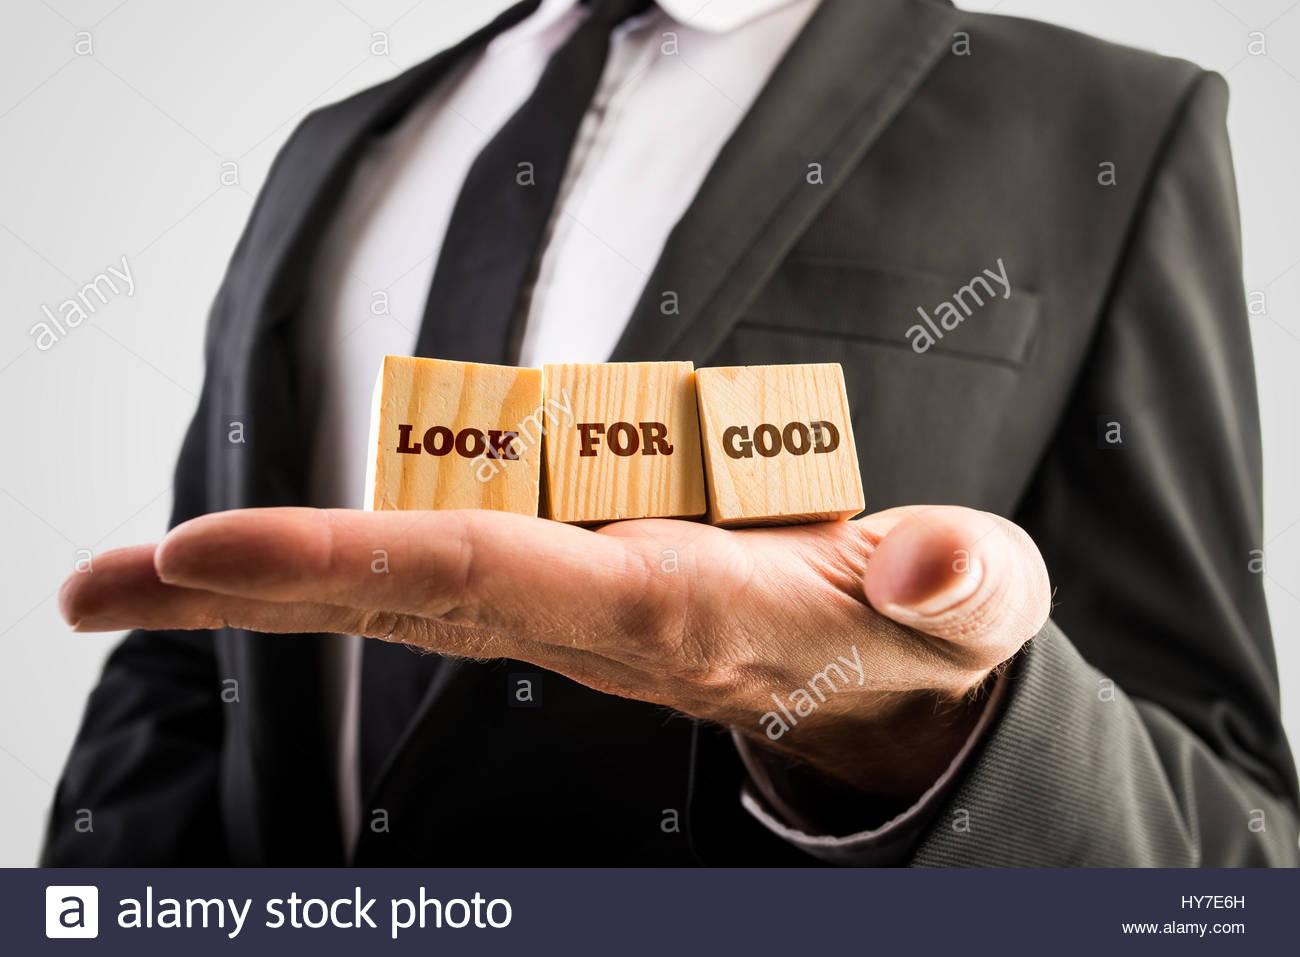 Nahaufnahme der männlichen Hand hält drei hölzerne Würfel mit einem Blick für guten Text. Stockbild